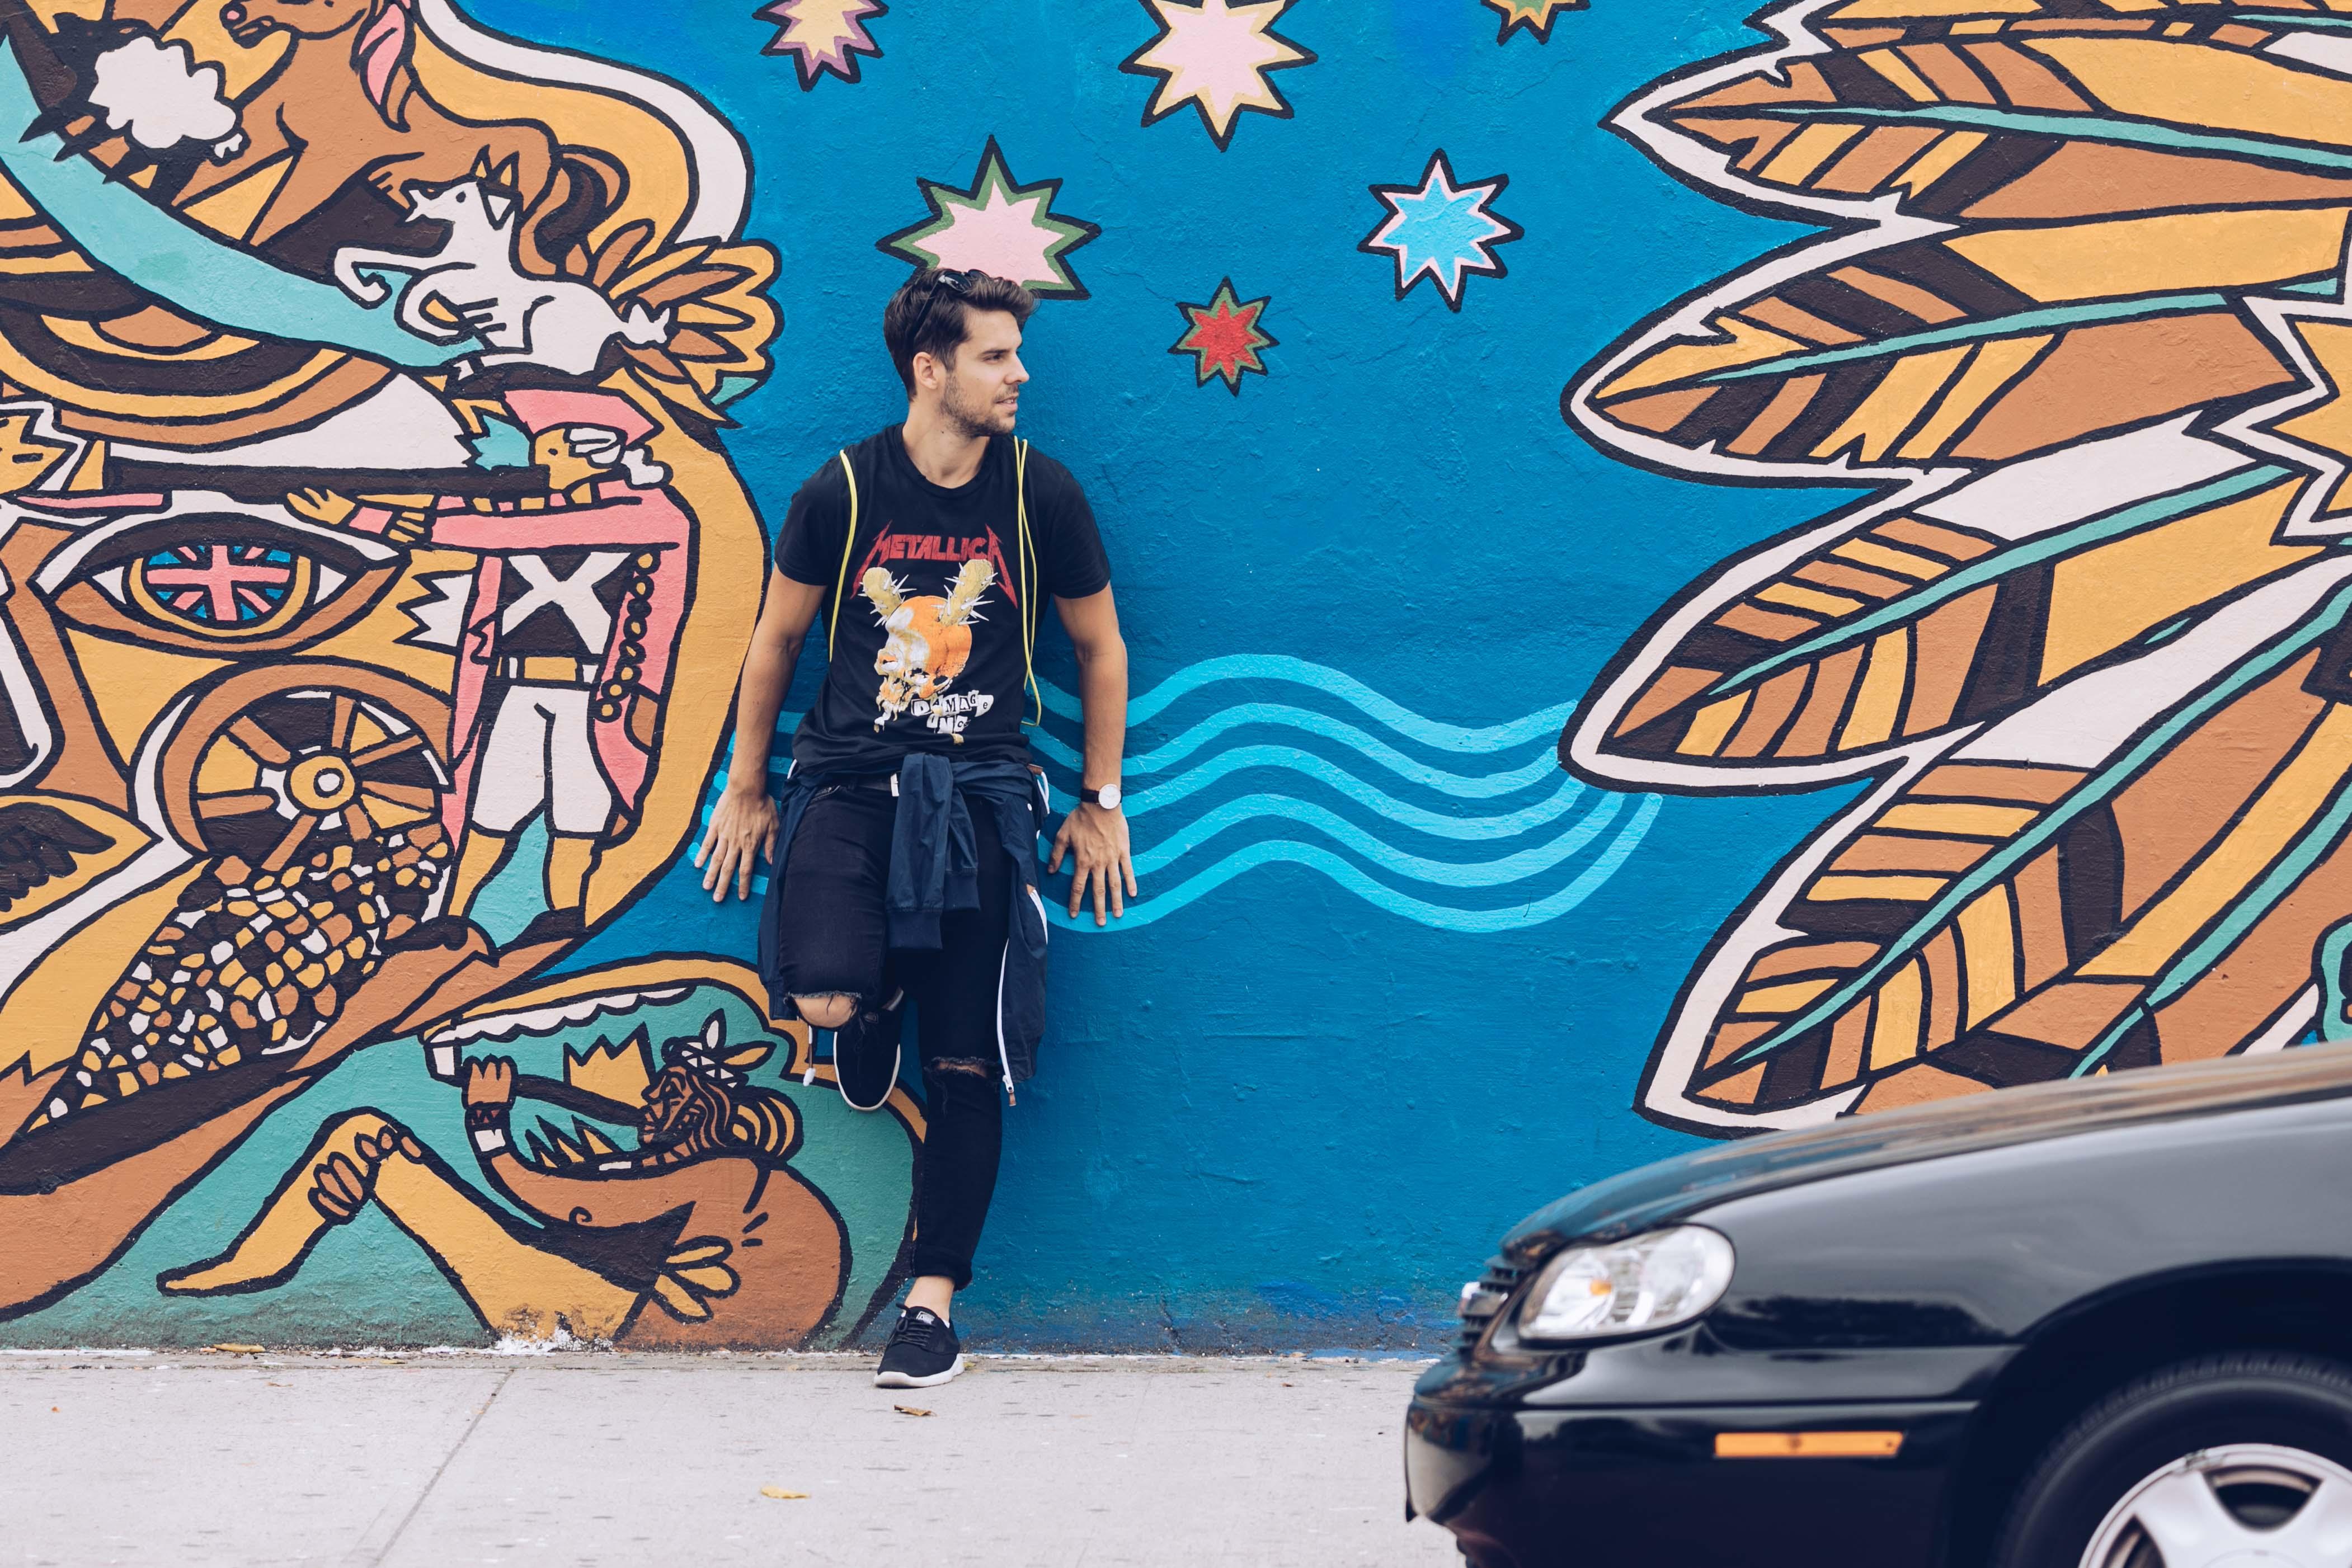 Brooklynban rengeteg a falfestés, érdemes körbenézni